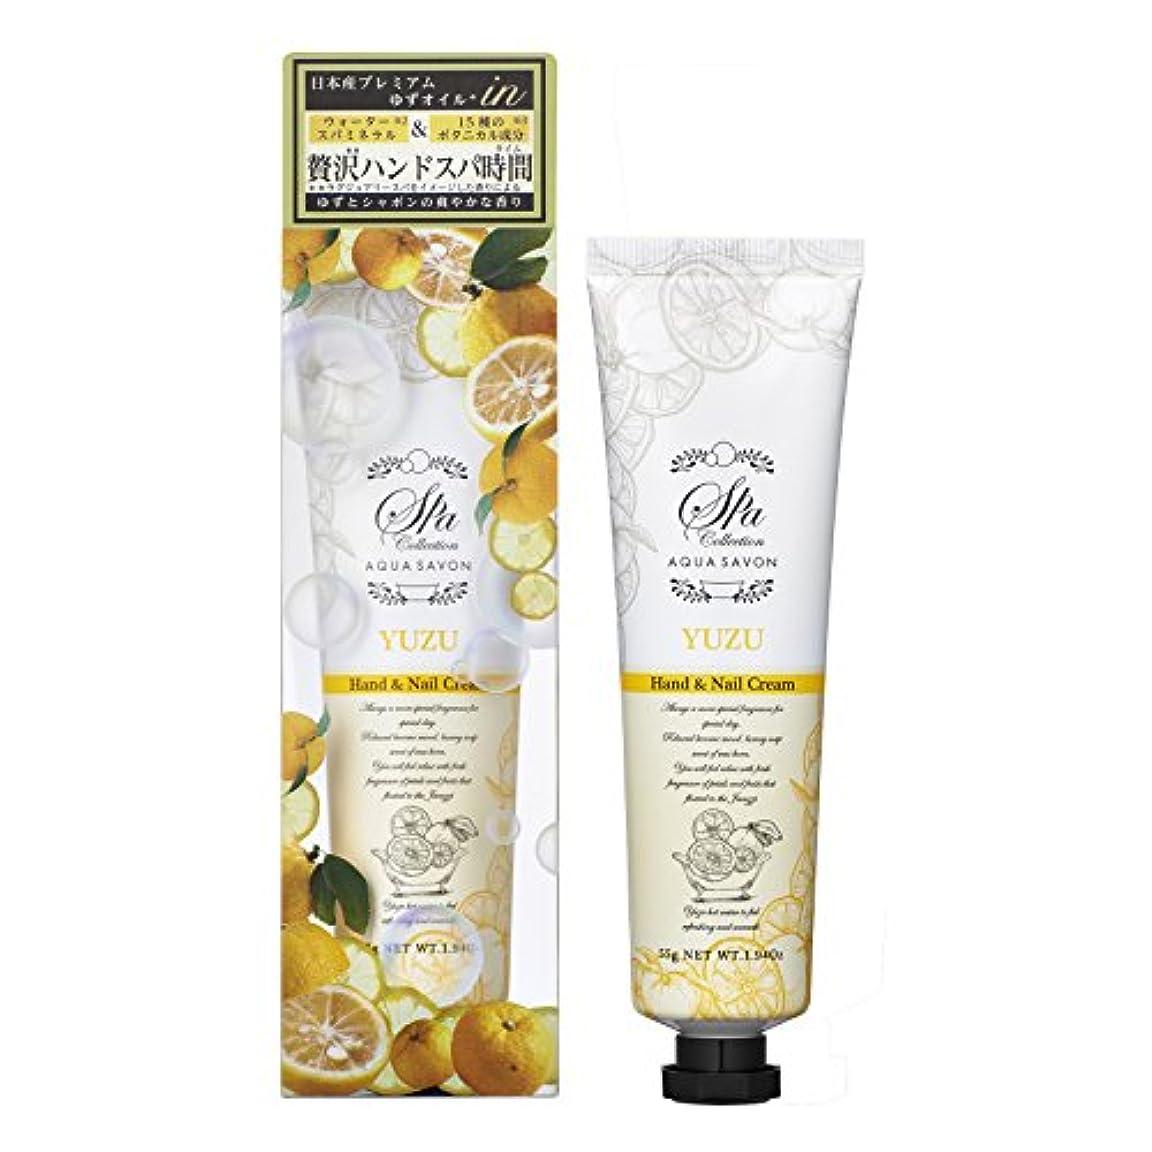 活性化するピアカートアクアシャボン スパコレクション ハンド&ネイルクリーム ゆずスパの香り 55g